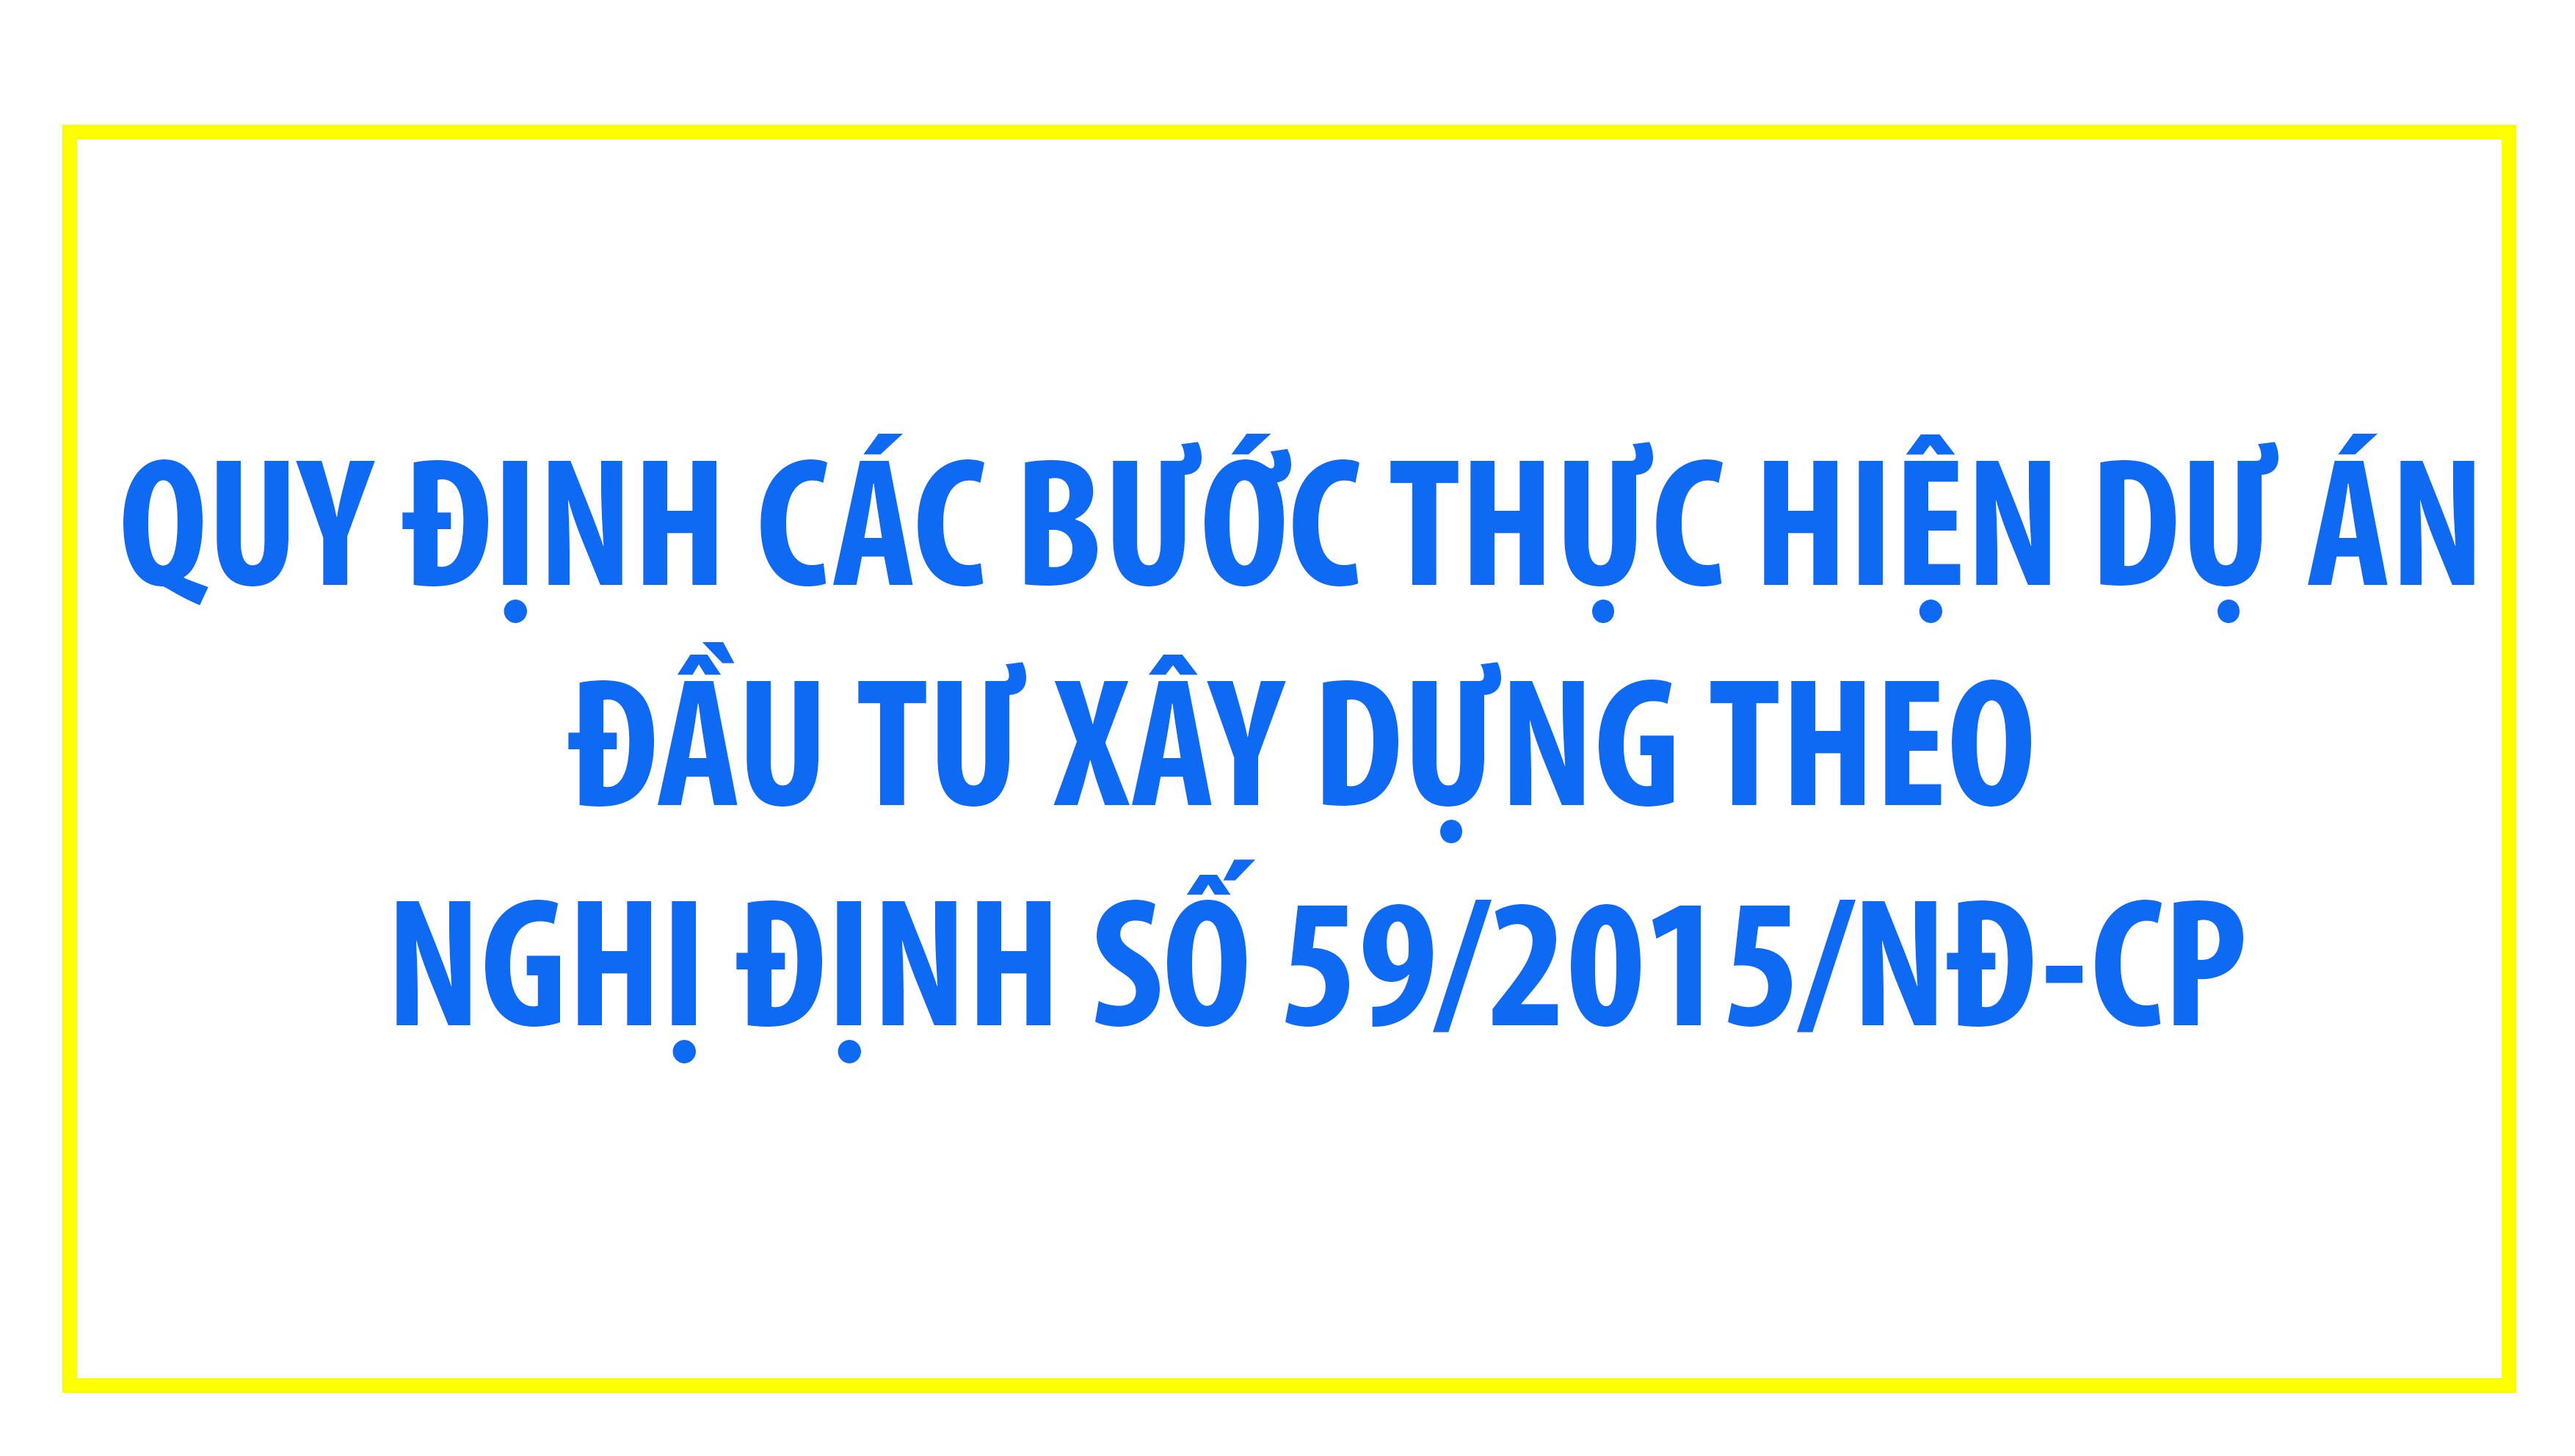 Quy định các bước thực hiện dự án đầu tư xây dựng theo Nghị định số 59/2015/NĐ-CP